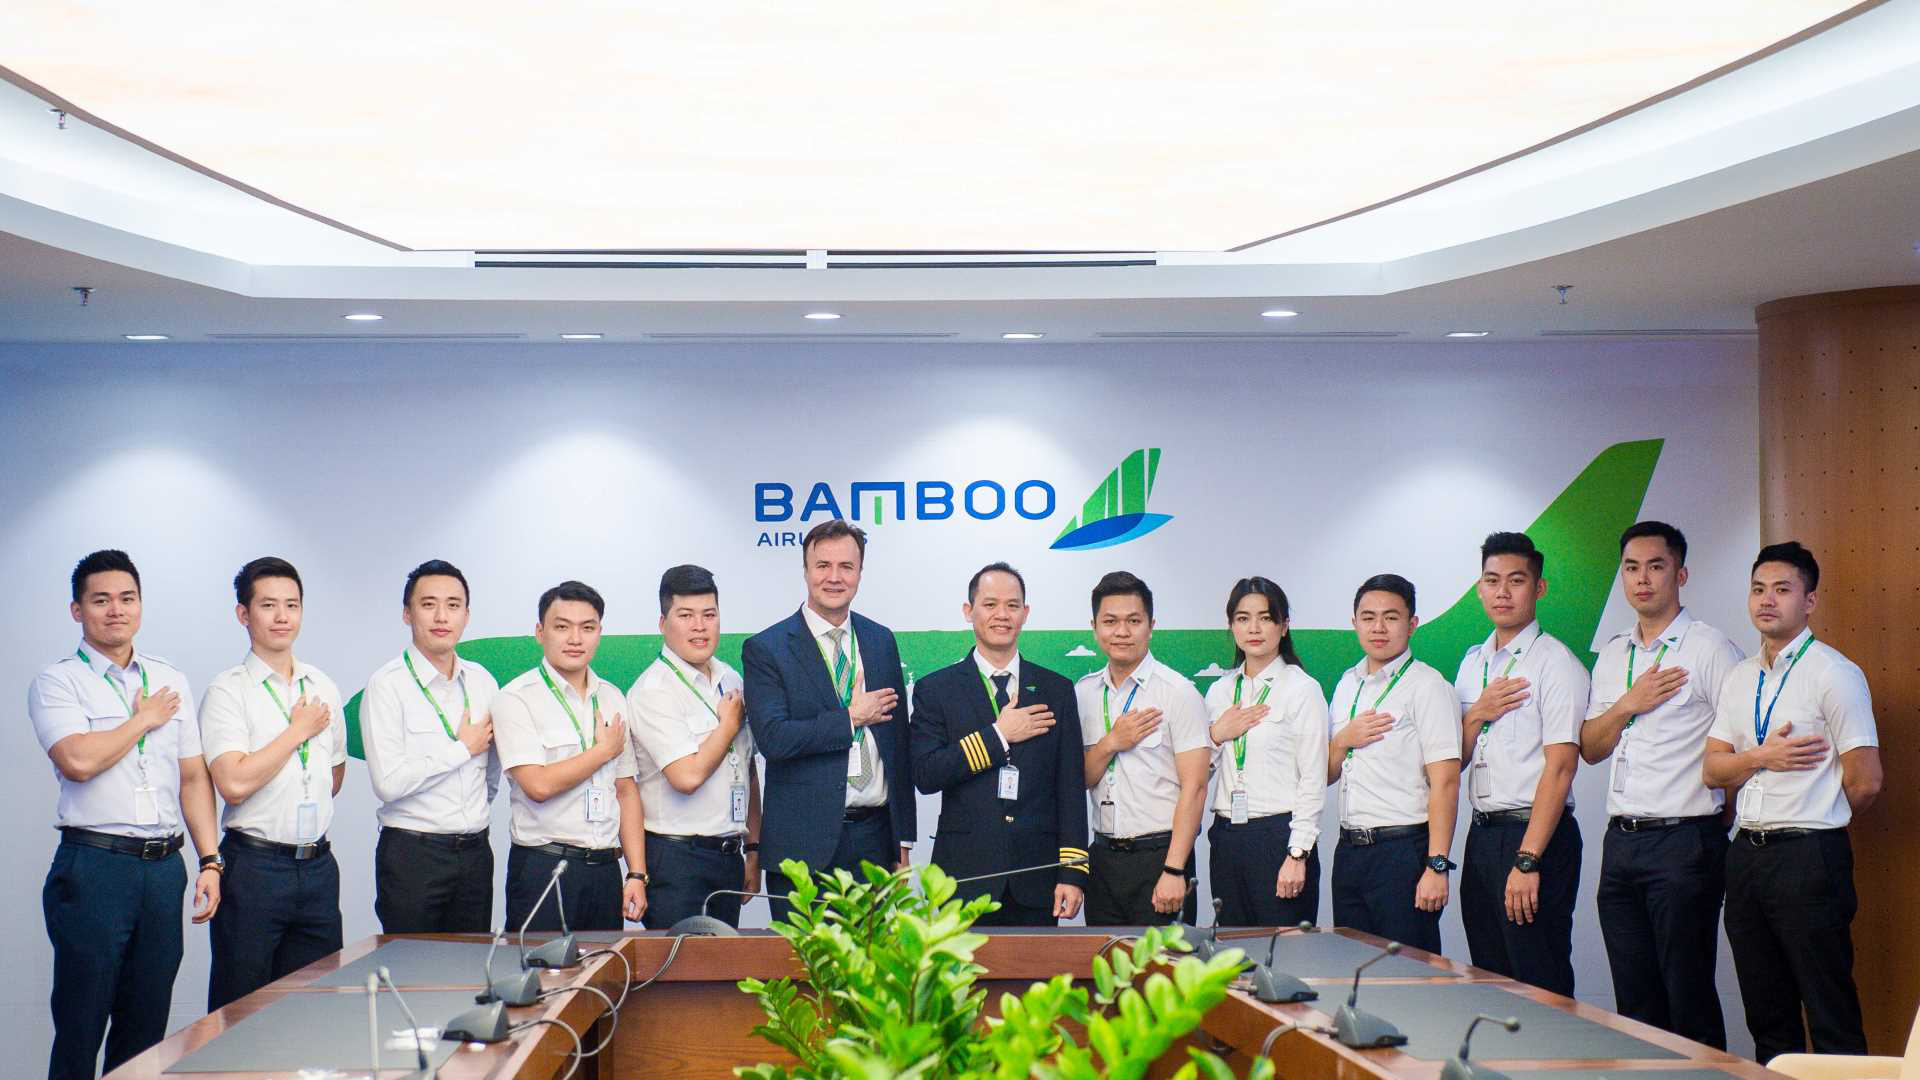 Bamboo Airways gặp mặt khóa phi công tập sự đầu tiên - Ảnh 2.